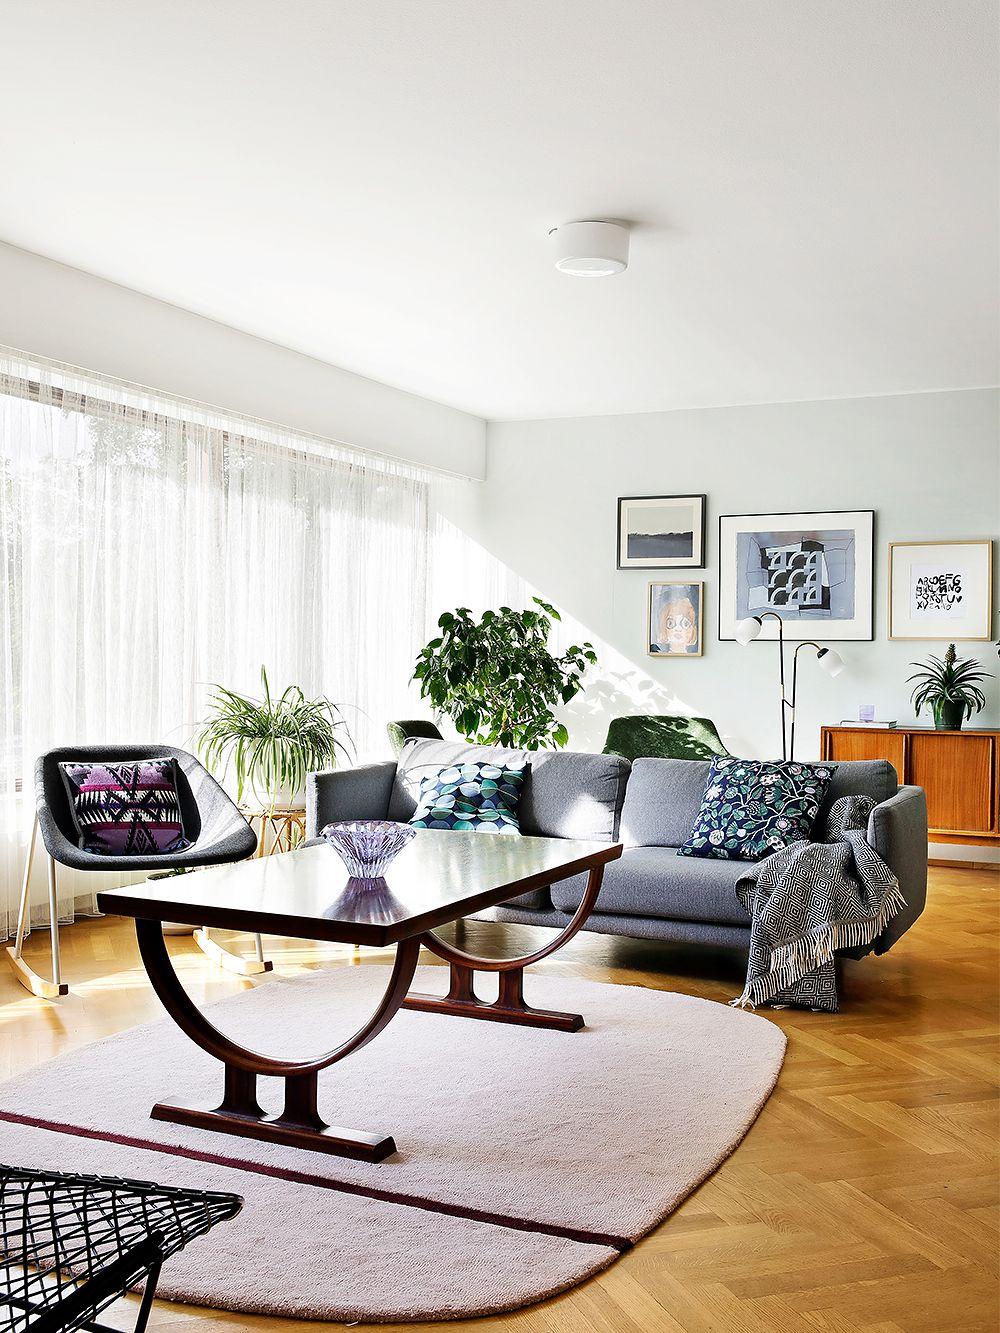 Hakola's Lazy sofa